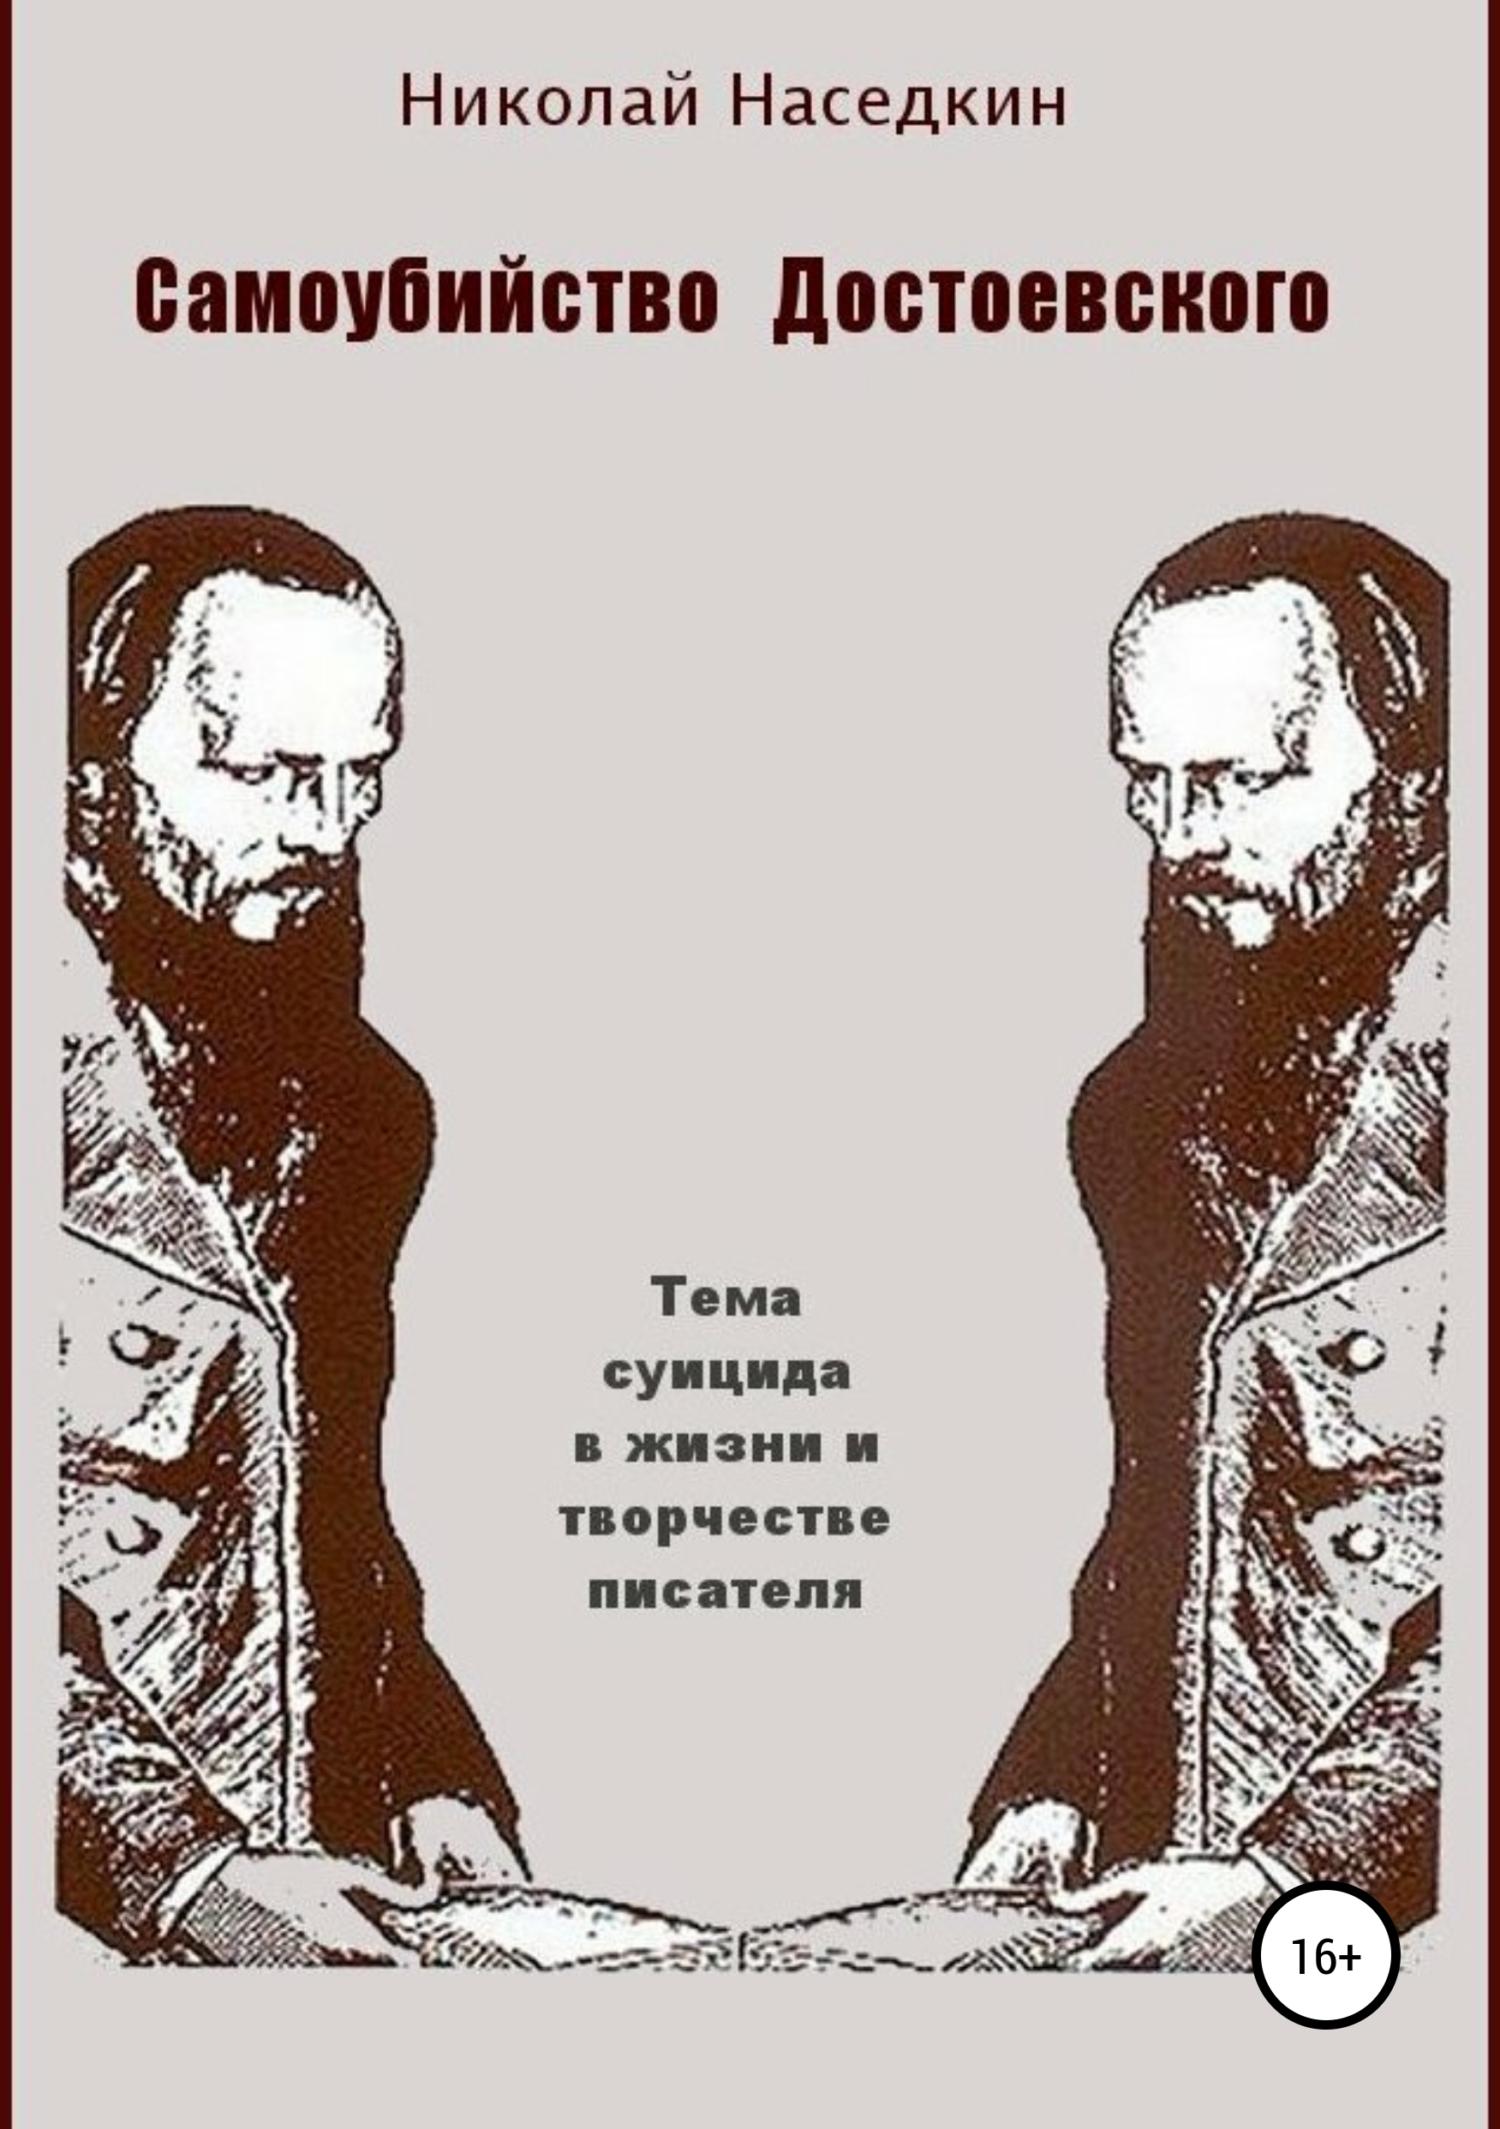 Купить книгу Самоубийство Достоевского. Тема суицида в жизни и творчестве писателя, автора Николая Николаевича Наседкина